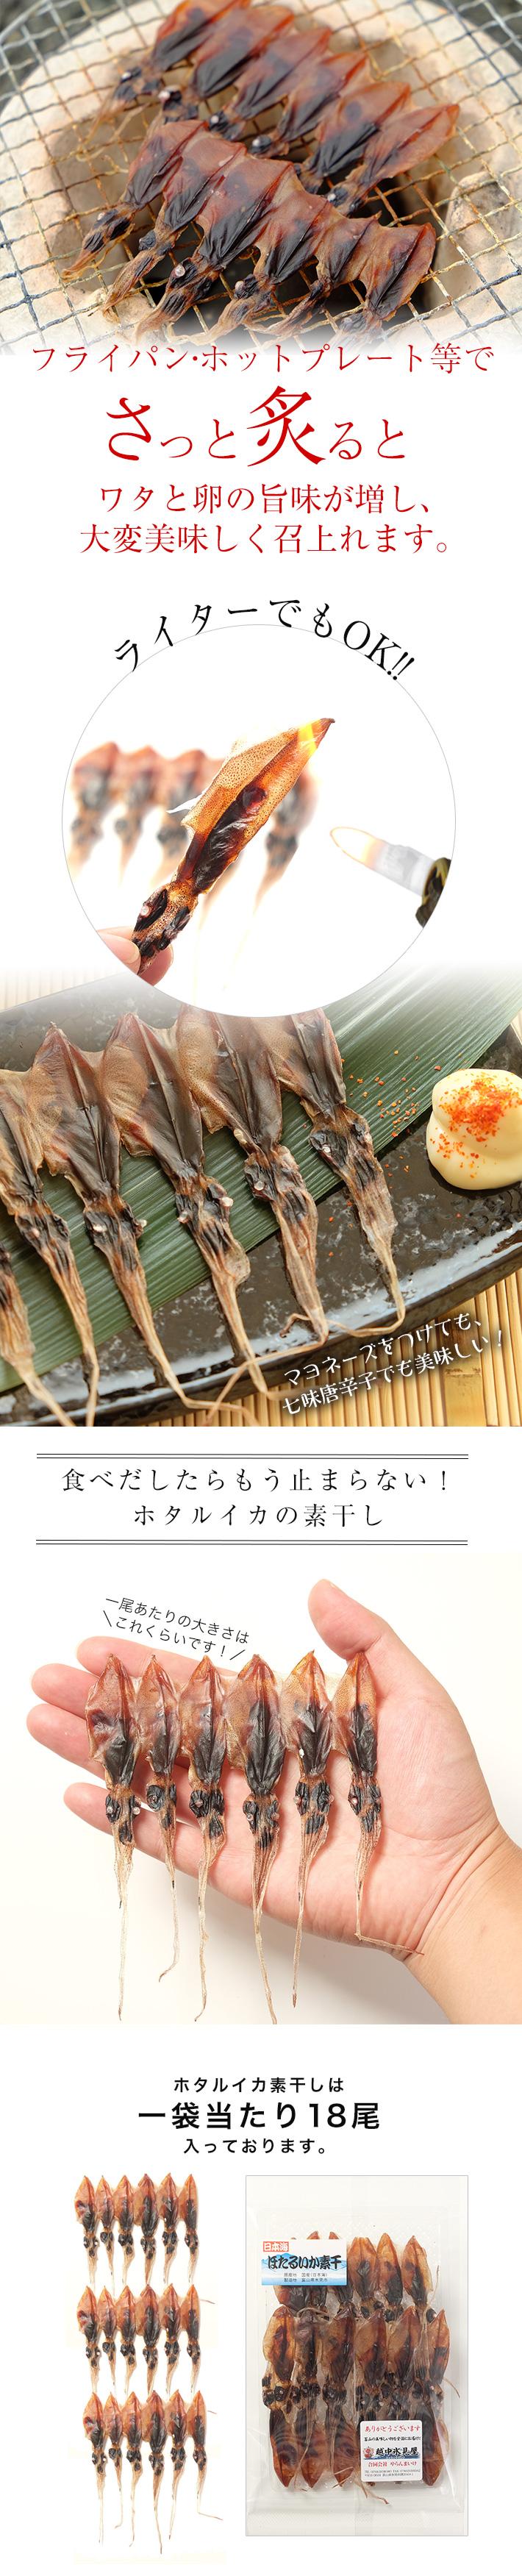 富山のホタルイカ 素干2袋セット/ぽっきり/送料無料/1000円